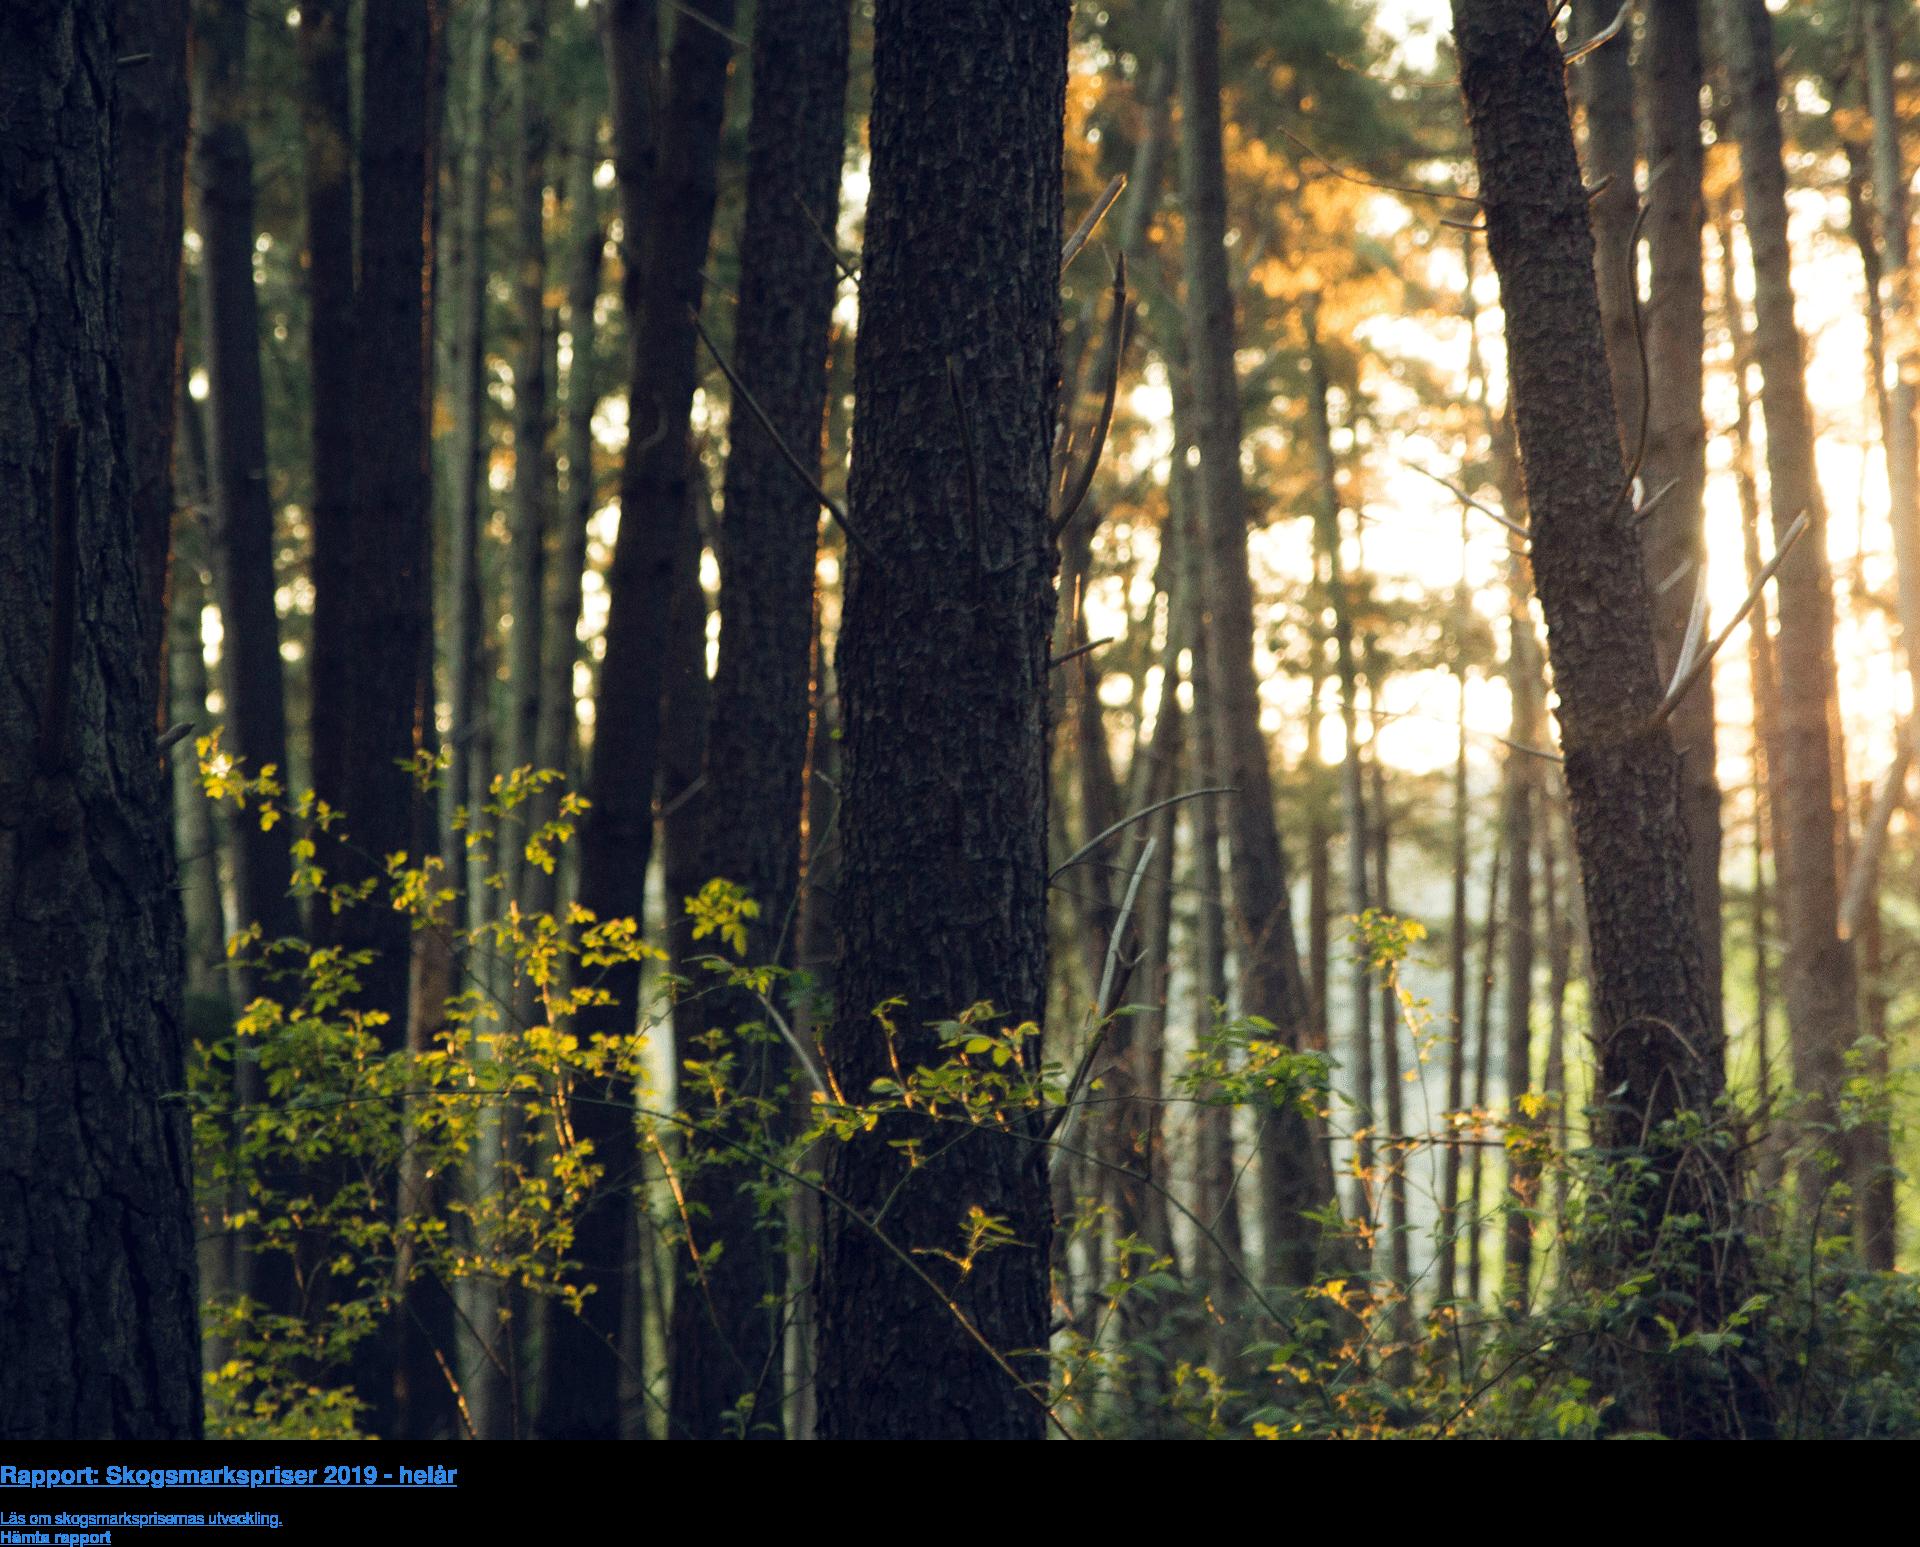 Rapport: Skogsmarkspriser 2019 - helår  Läs om skogsmarksprisernas utveckling. Hämta rapport